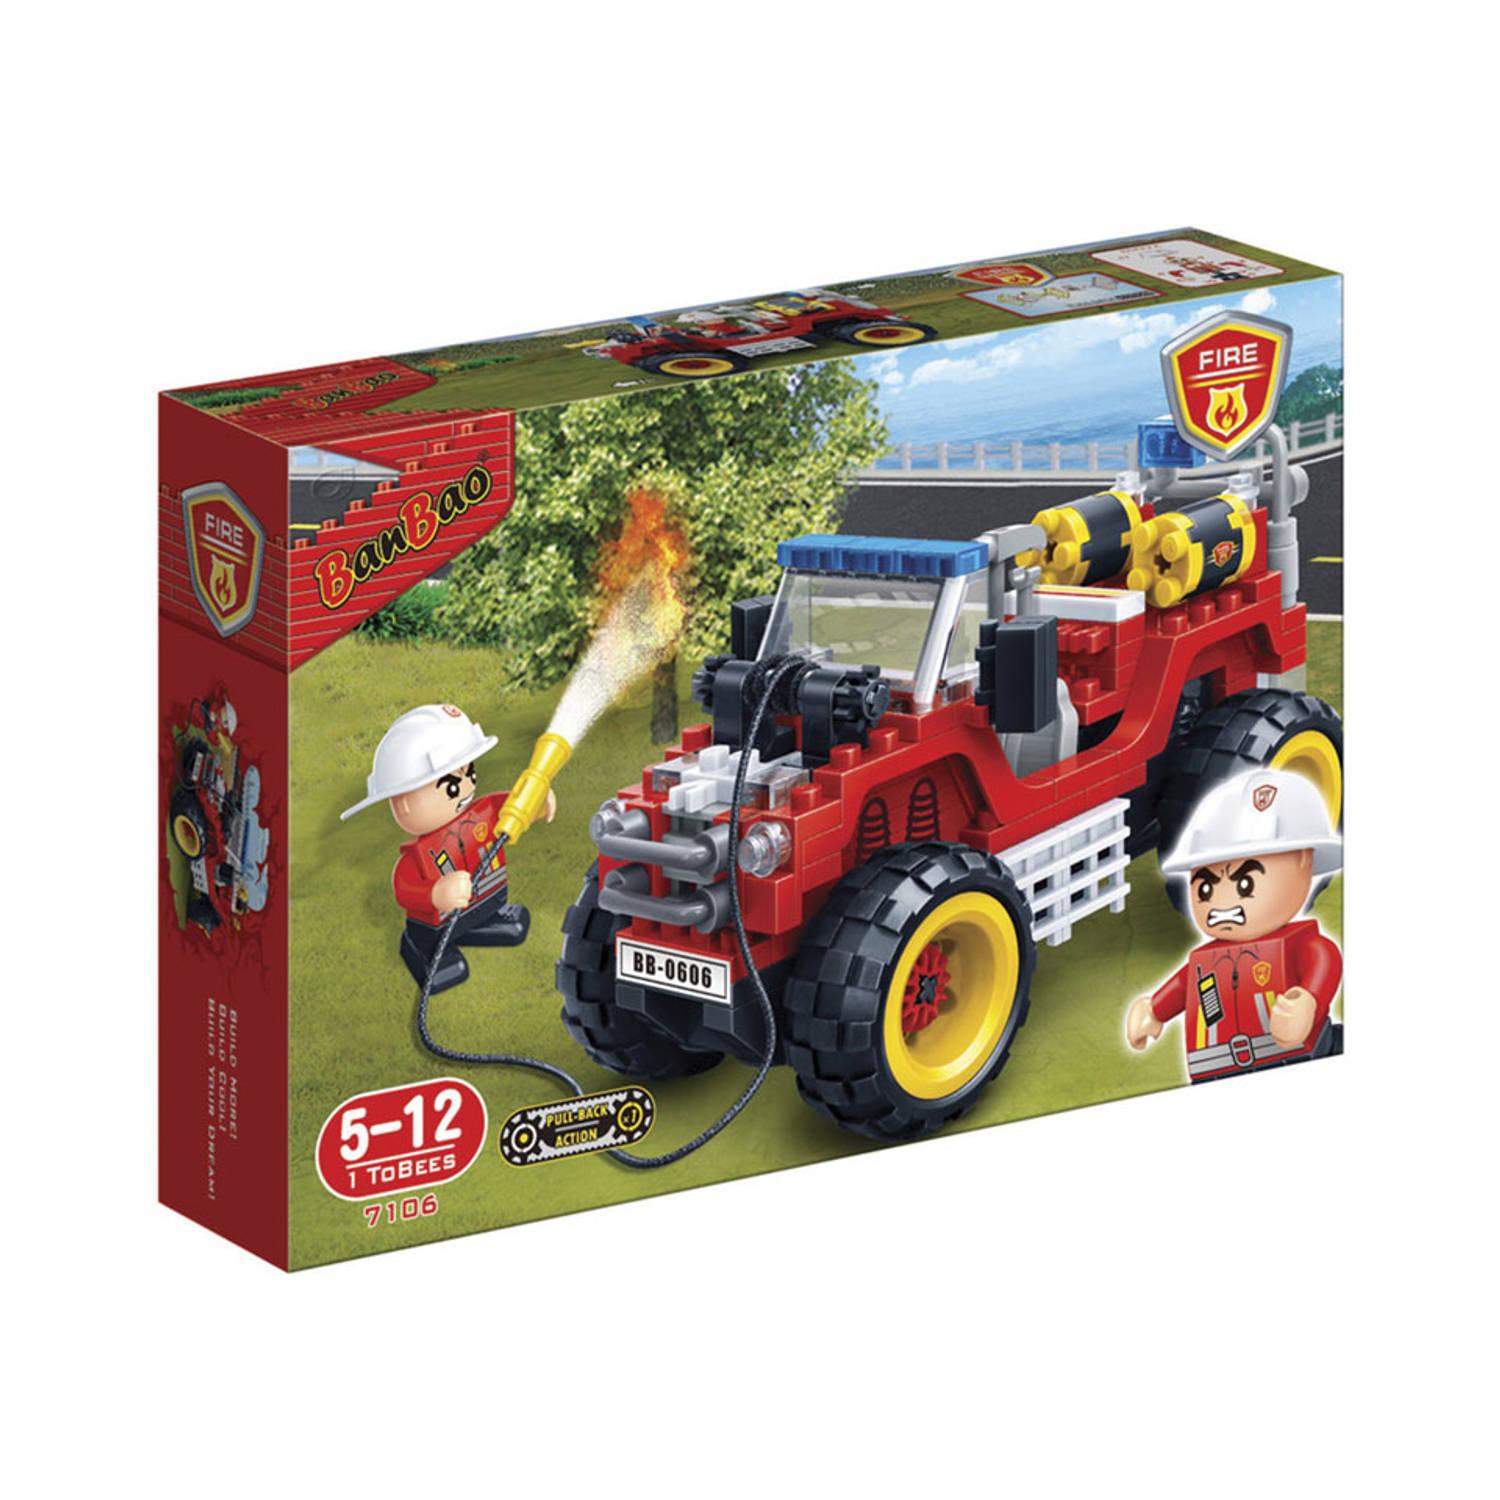 Afbeelding van BanBao brandweer jeep 7106